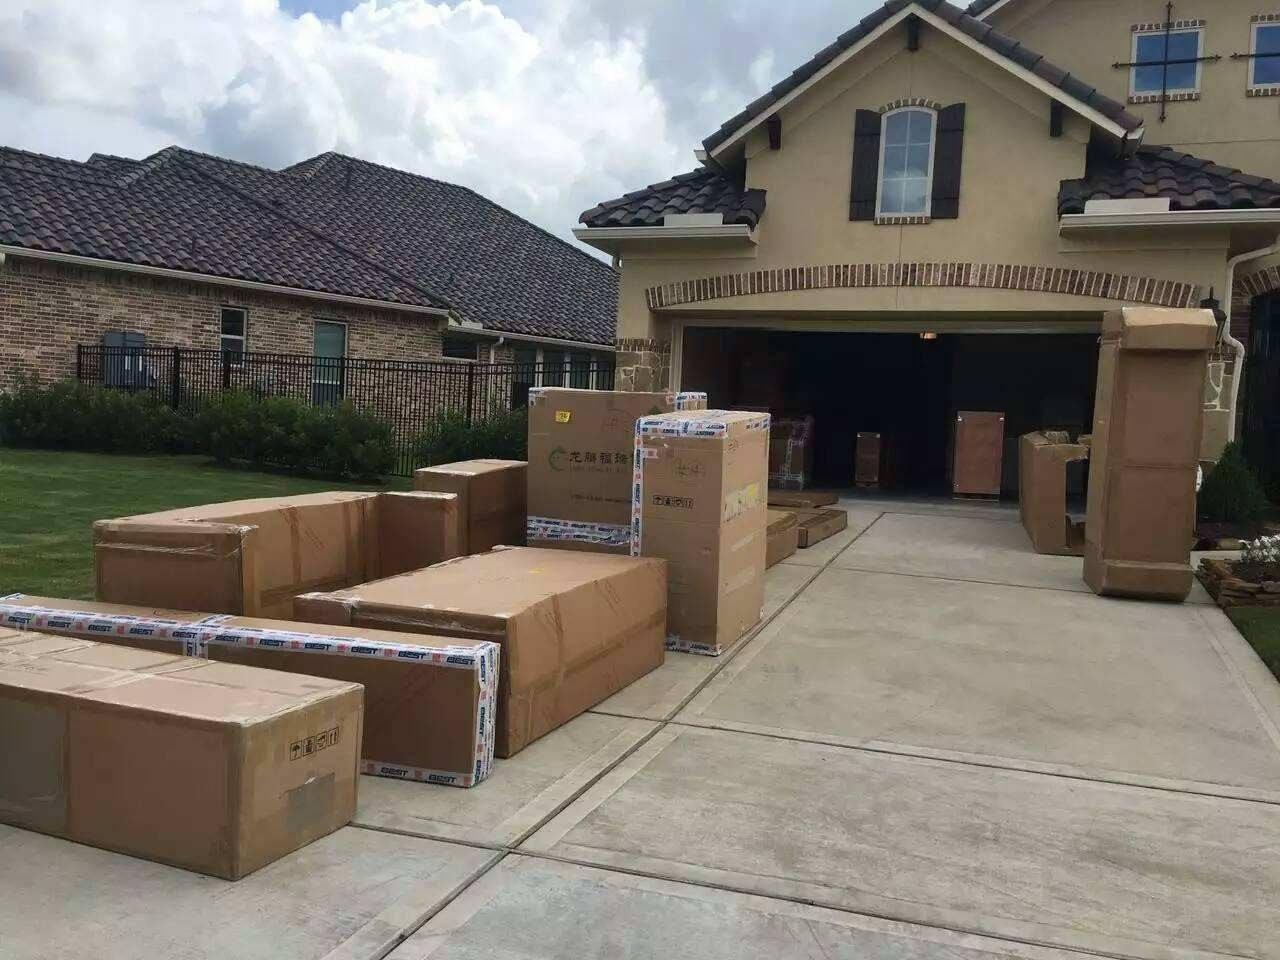 沃邦专业公司搬家,办公室搬迁,海运搬家,国际搬家,优惠中